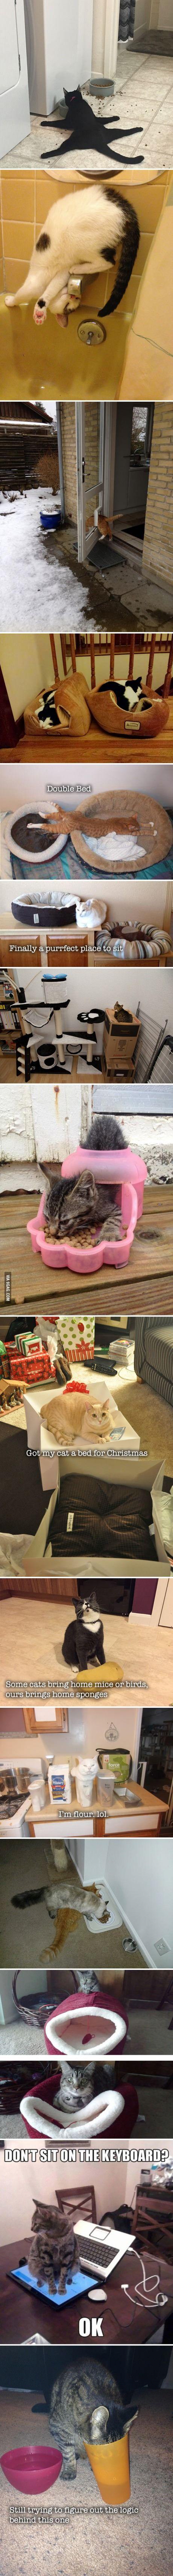 hilarious examples of cat logics gatitos pinterest el gato